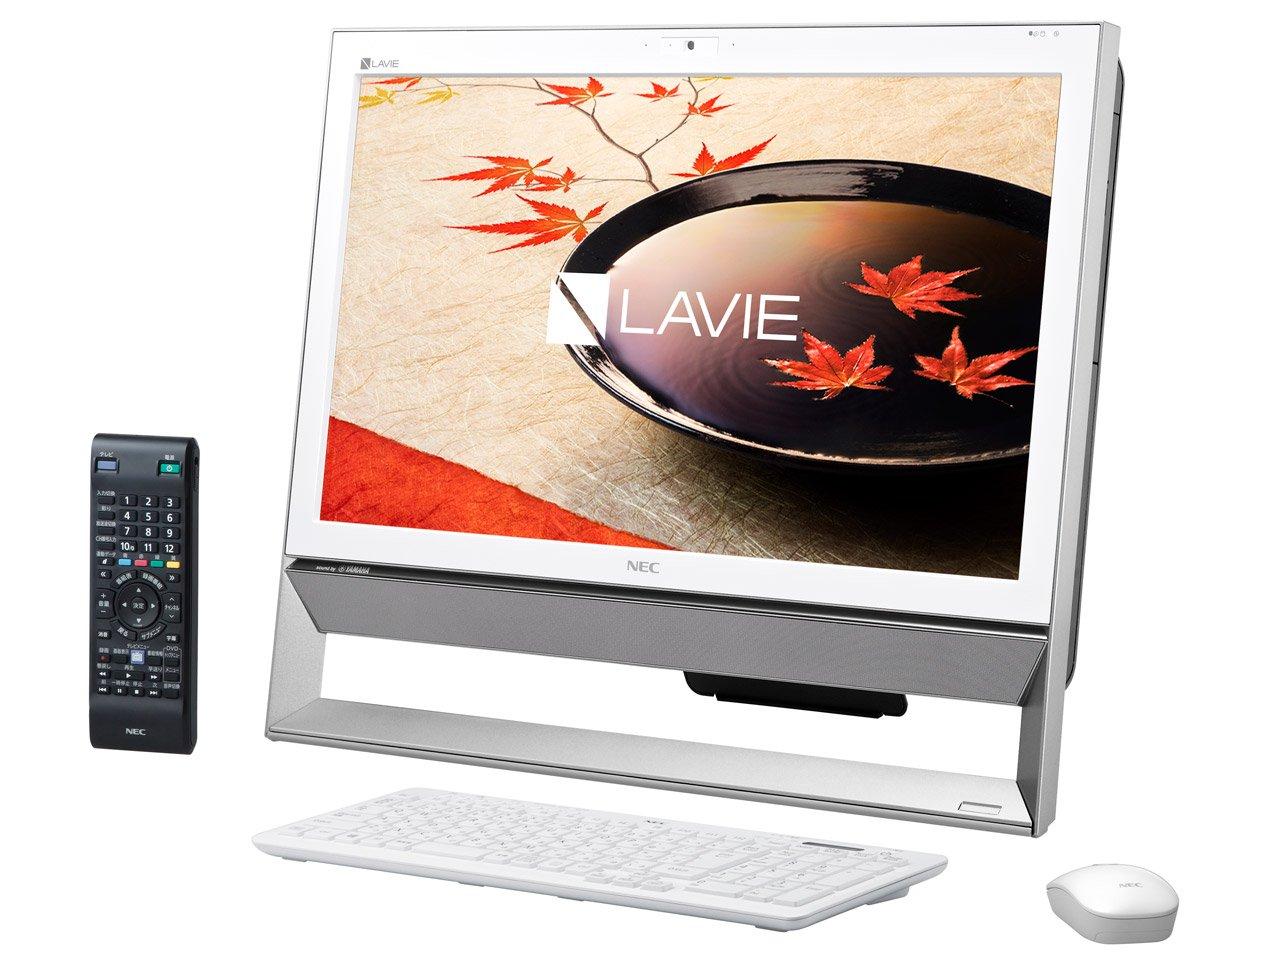 【数量限定】 日本電気 LAVIE Desk All-in-one LAVIE - DA370 -/CAW B0159VT8DE ファインホワイト PC-DA370CAW B0159VT8DE, キッズ&ベビー通販 リッカティル:a4dede9a --- ballyshannonshow.com